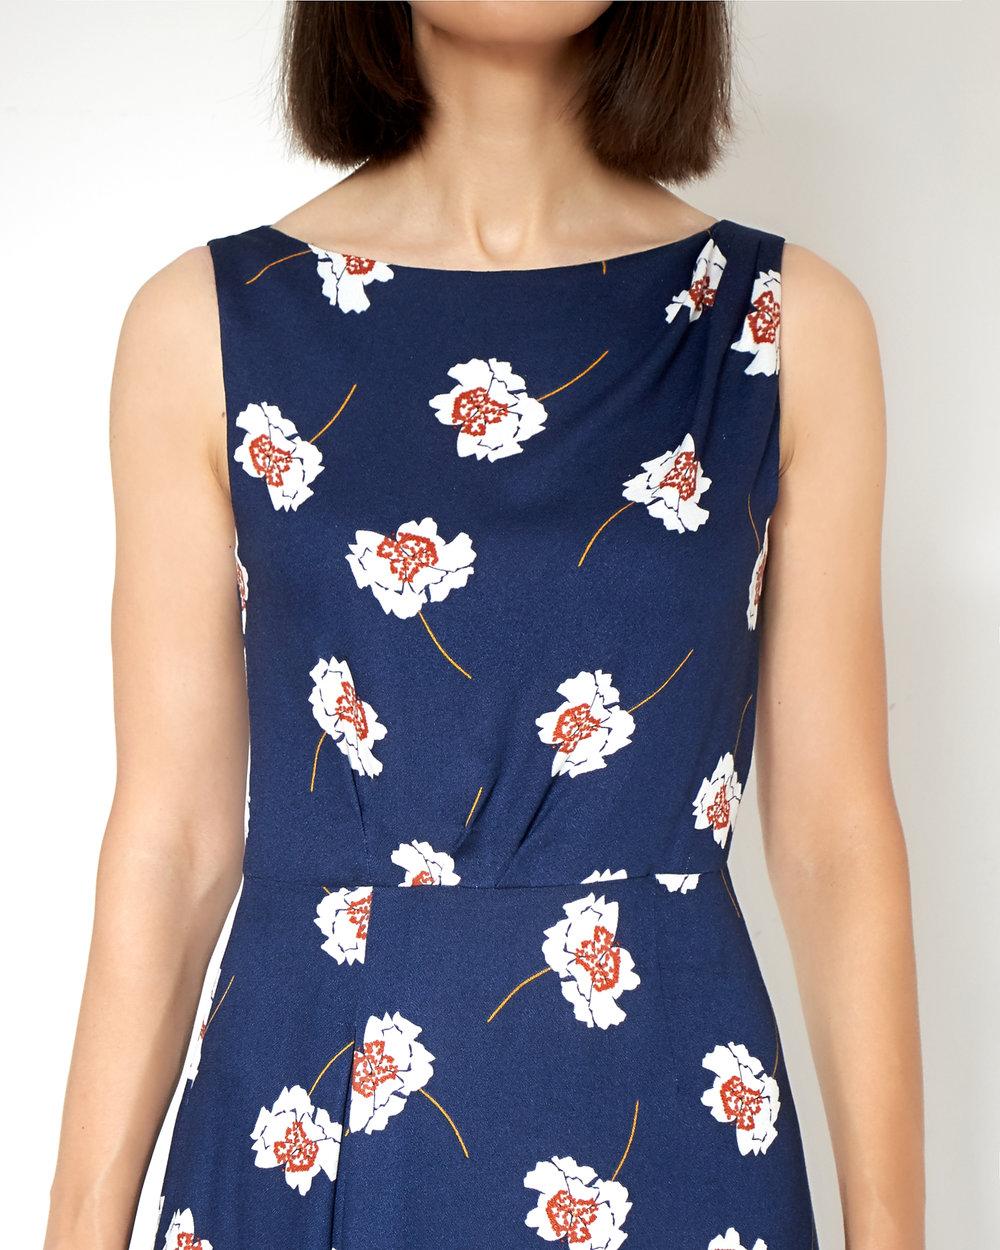 DIY Burda Dress